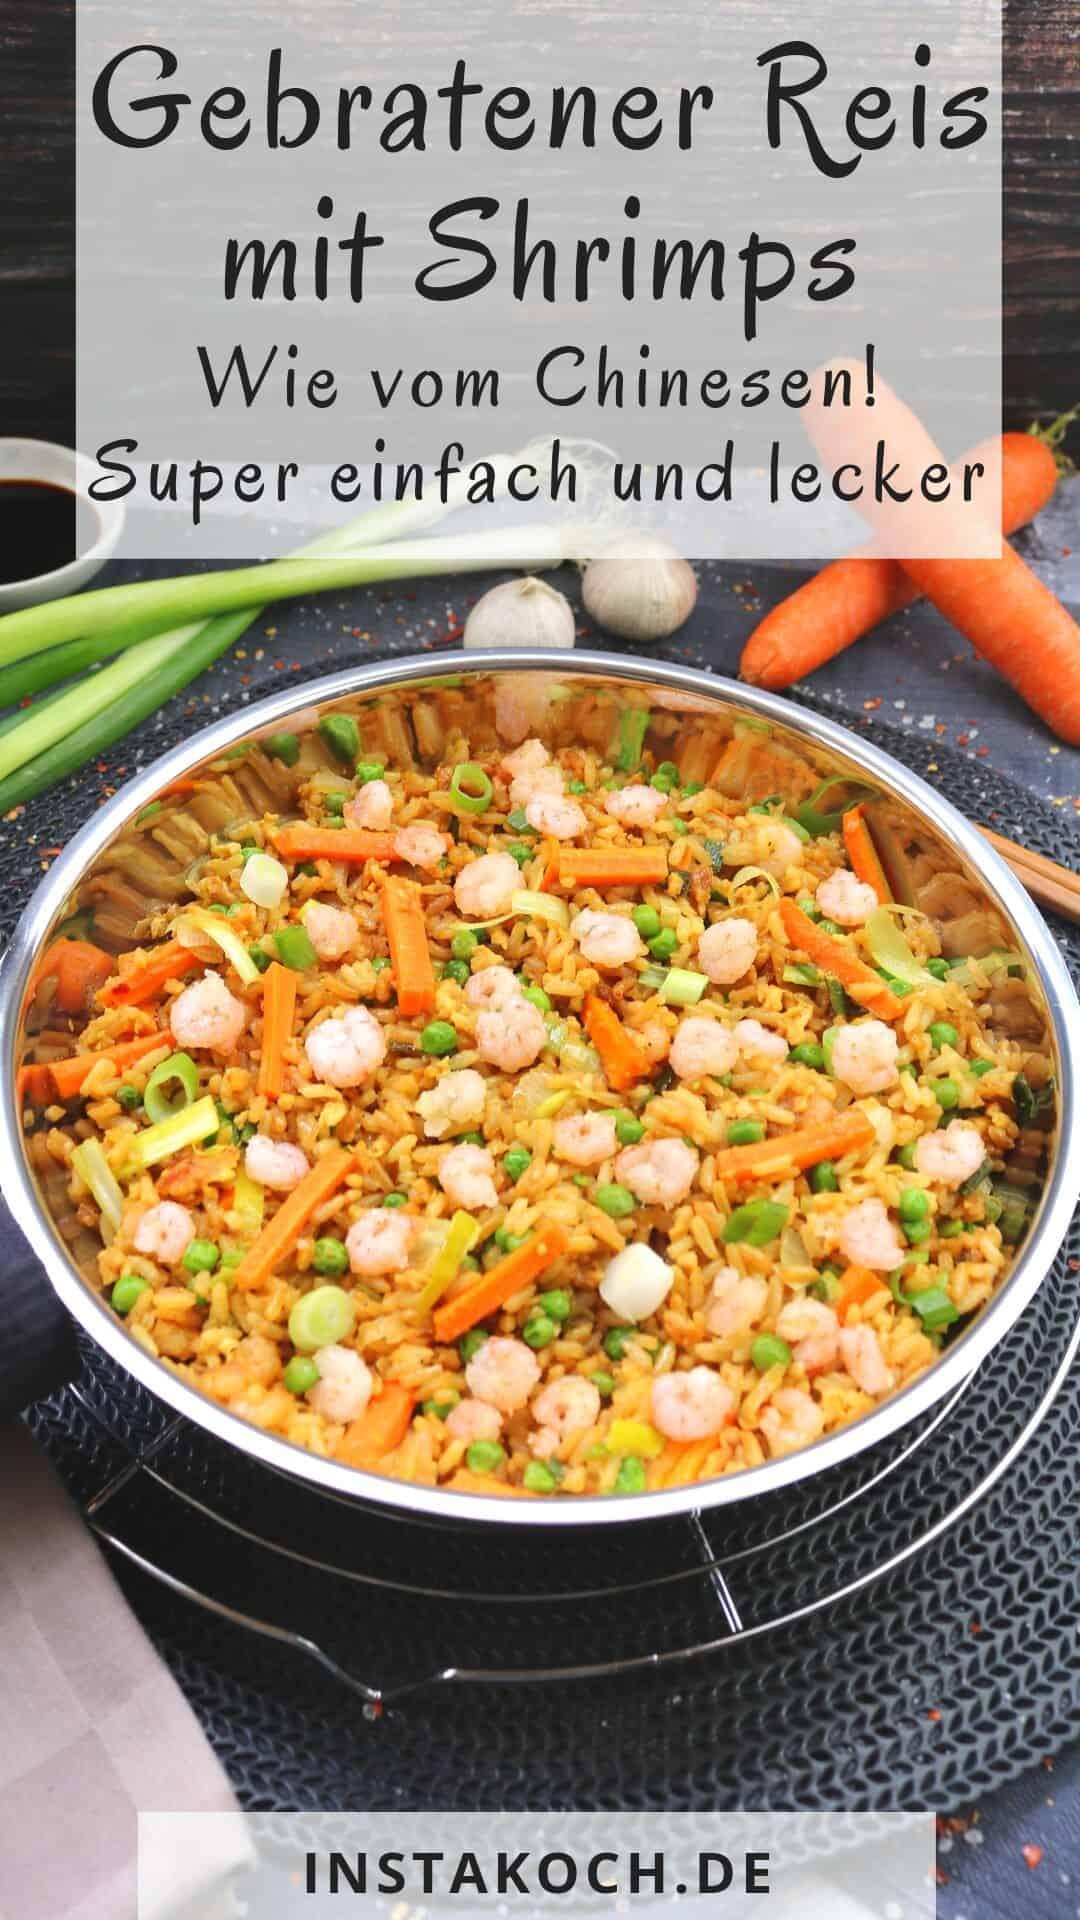 Gebratener Reis mit Shrimps in einer Pfanne. Dahinter Deko.